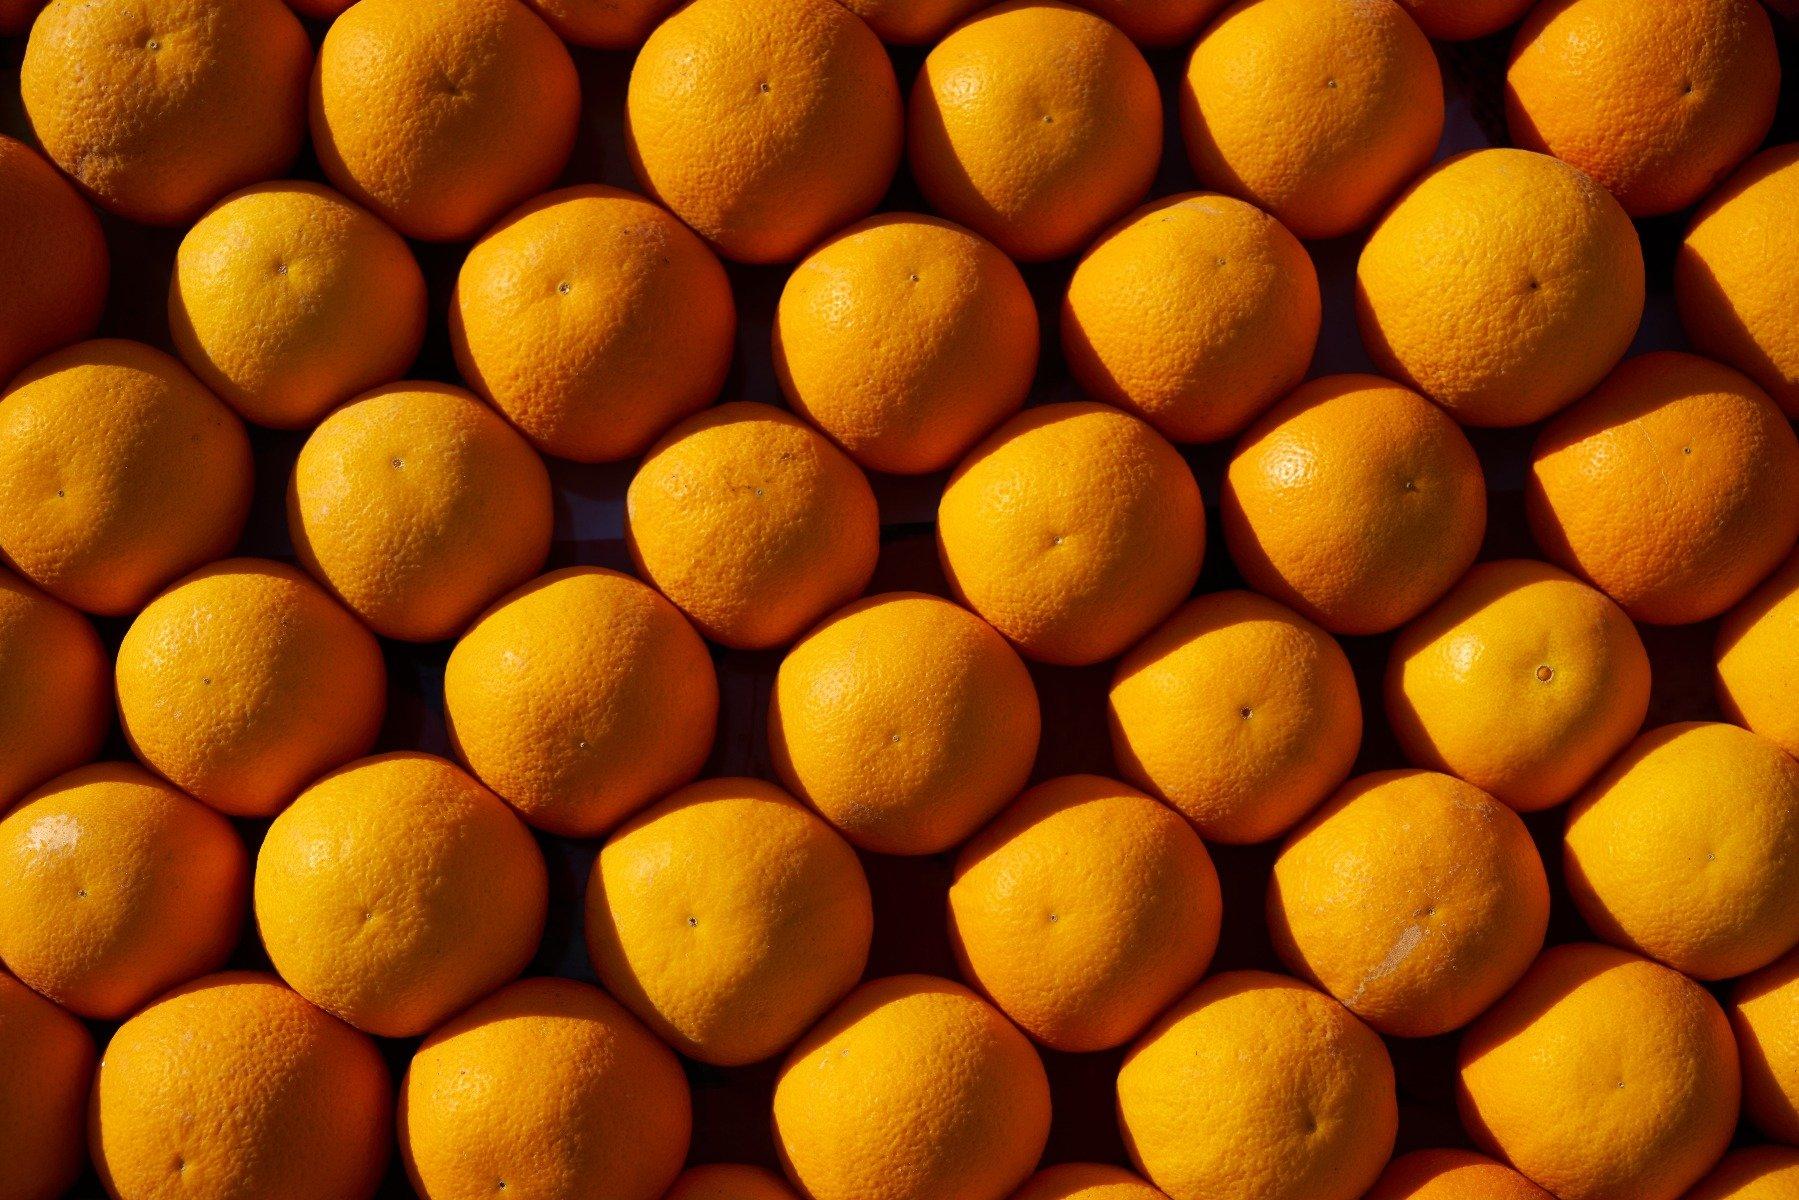 Győzd le a narancsbőrt! De hogyan?